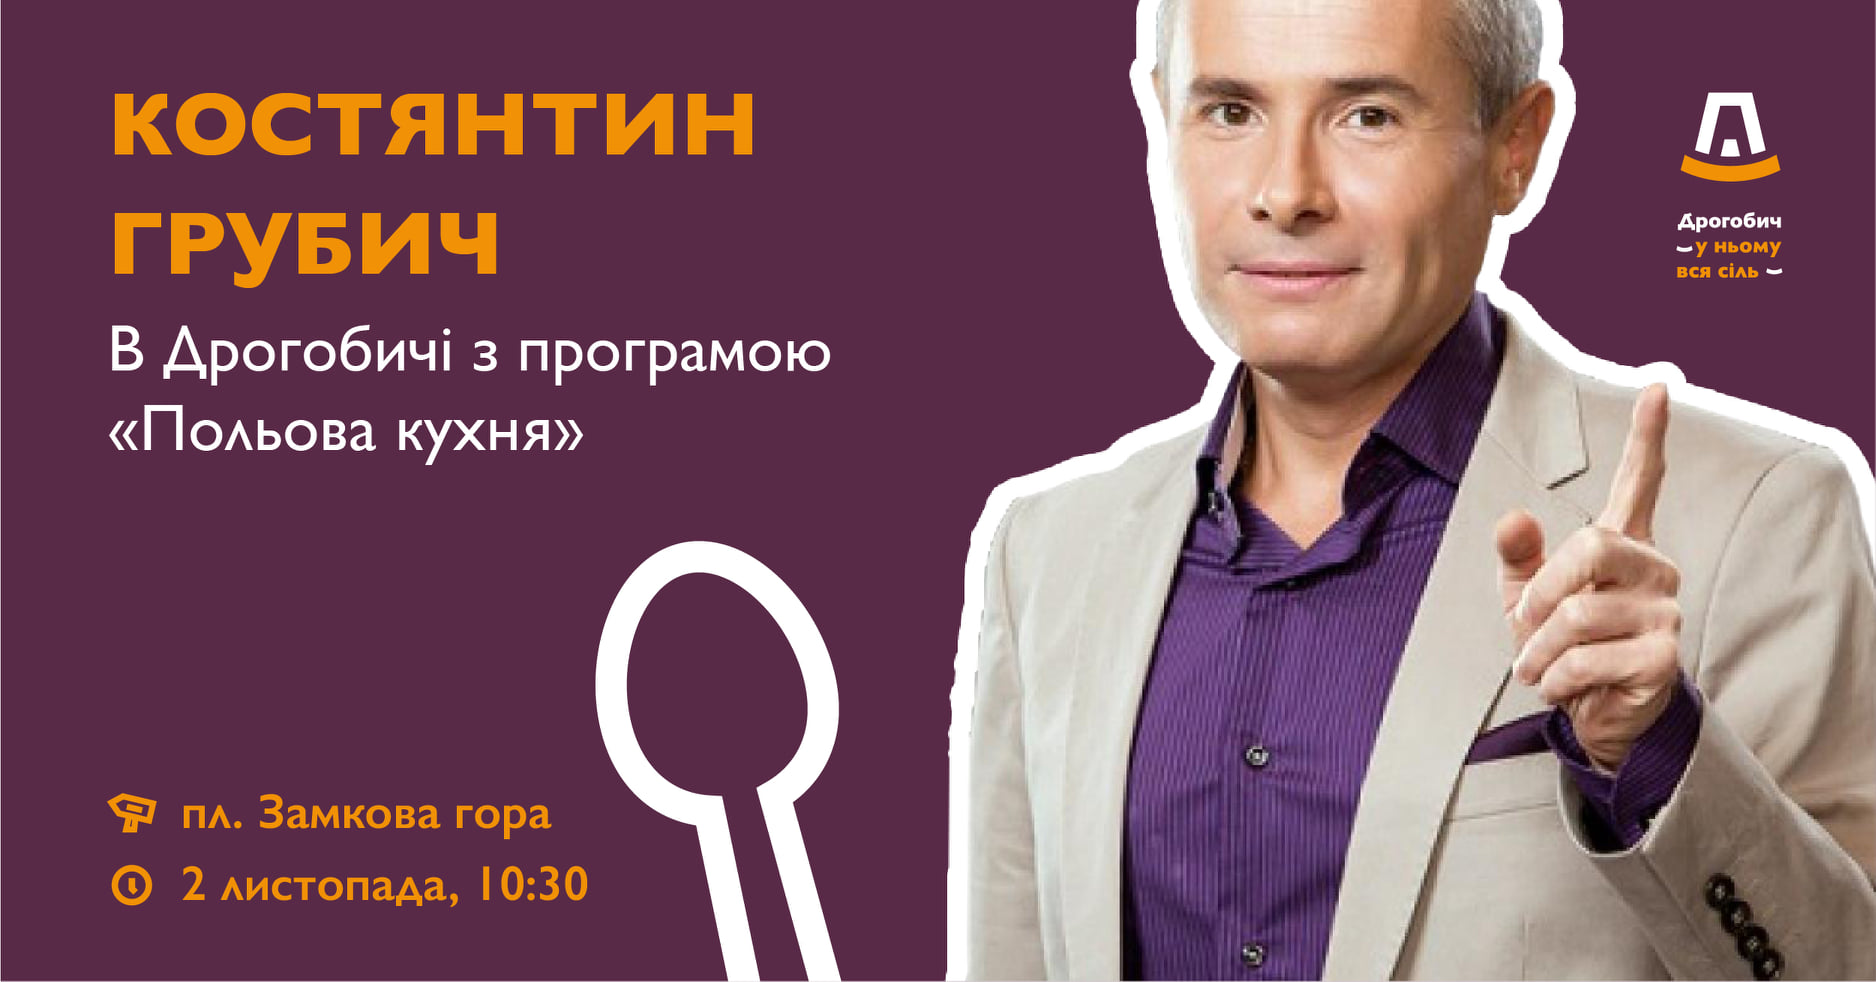 Констянтин Грубич приїде у Дрогобич з програмою «Польова кухня»